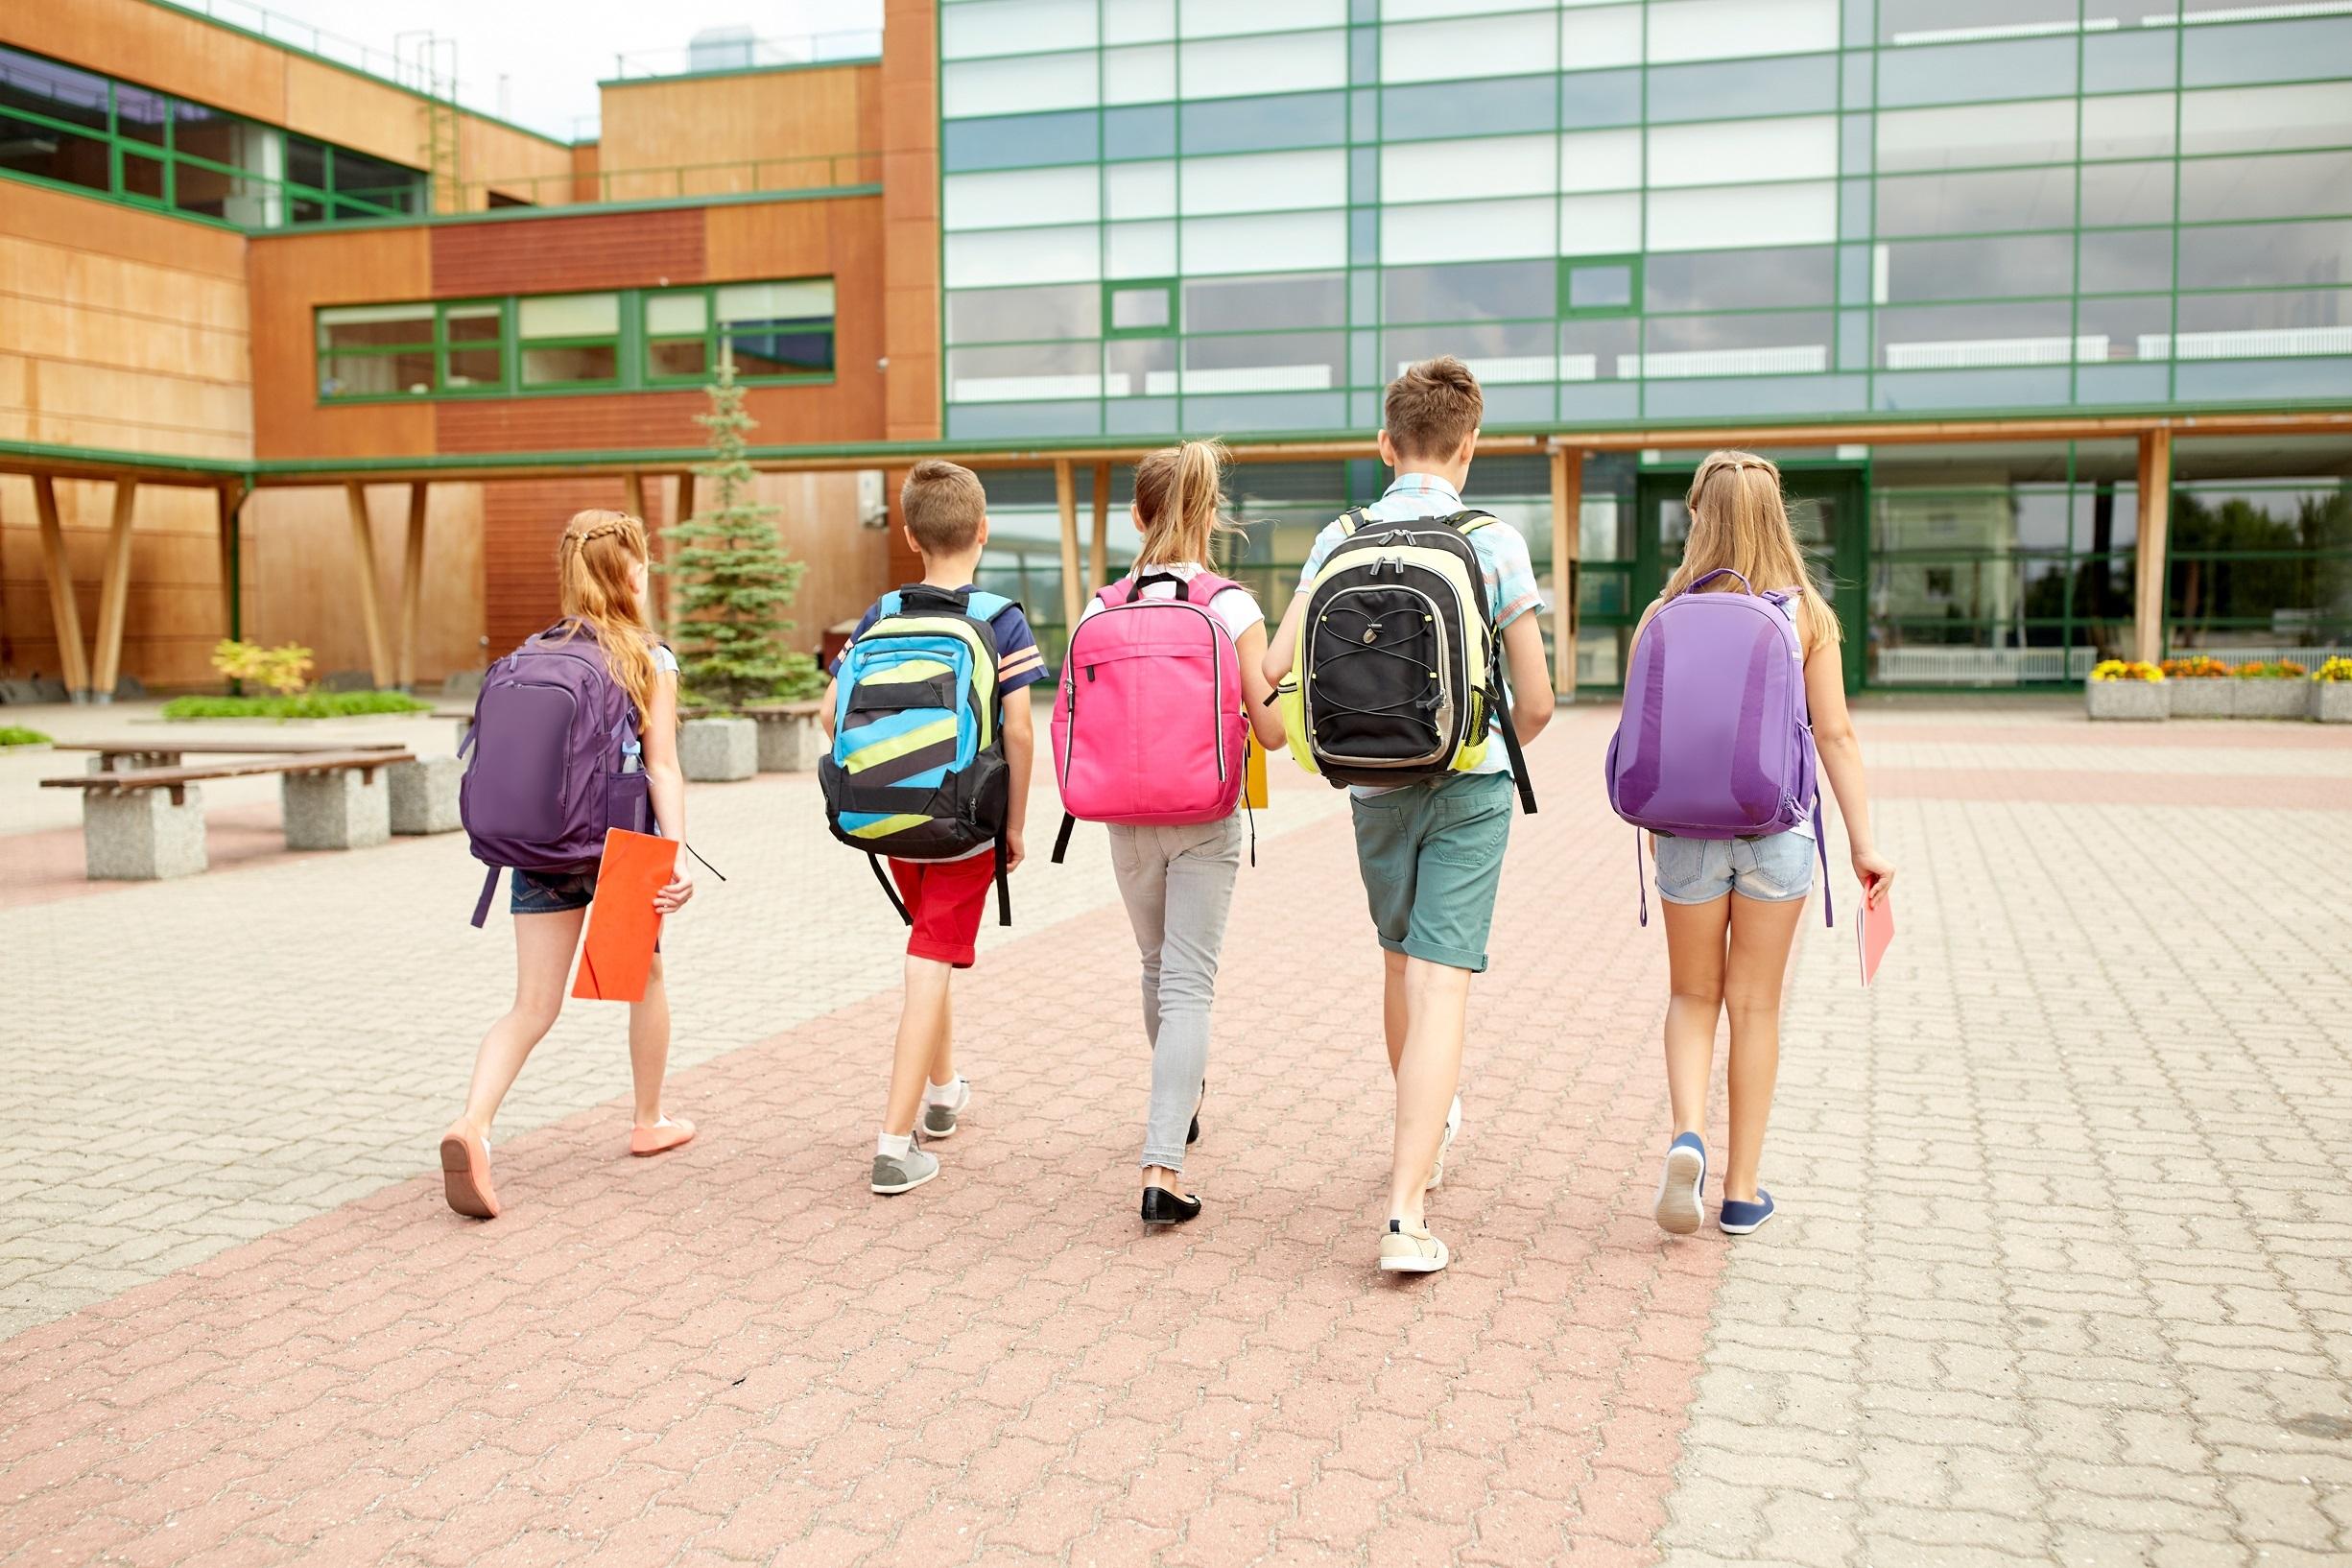 Tại Aqua City, những dịch vụ xã hội thiết yếu như trường học, thư viện, hay bệnh viện chỉ cách vài bước chân